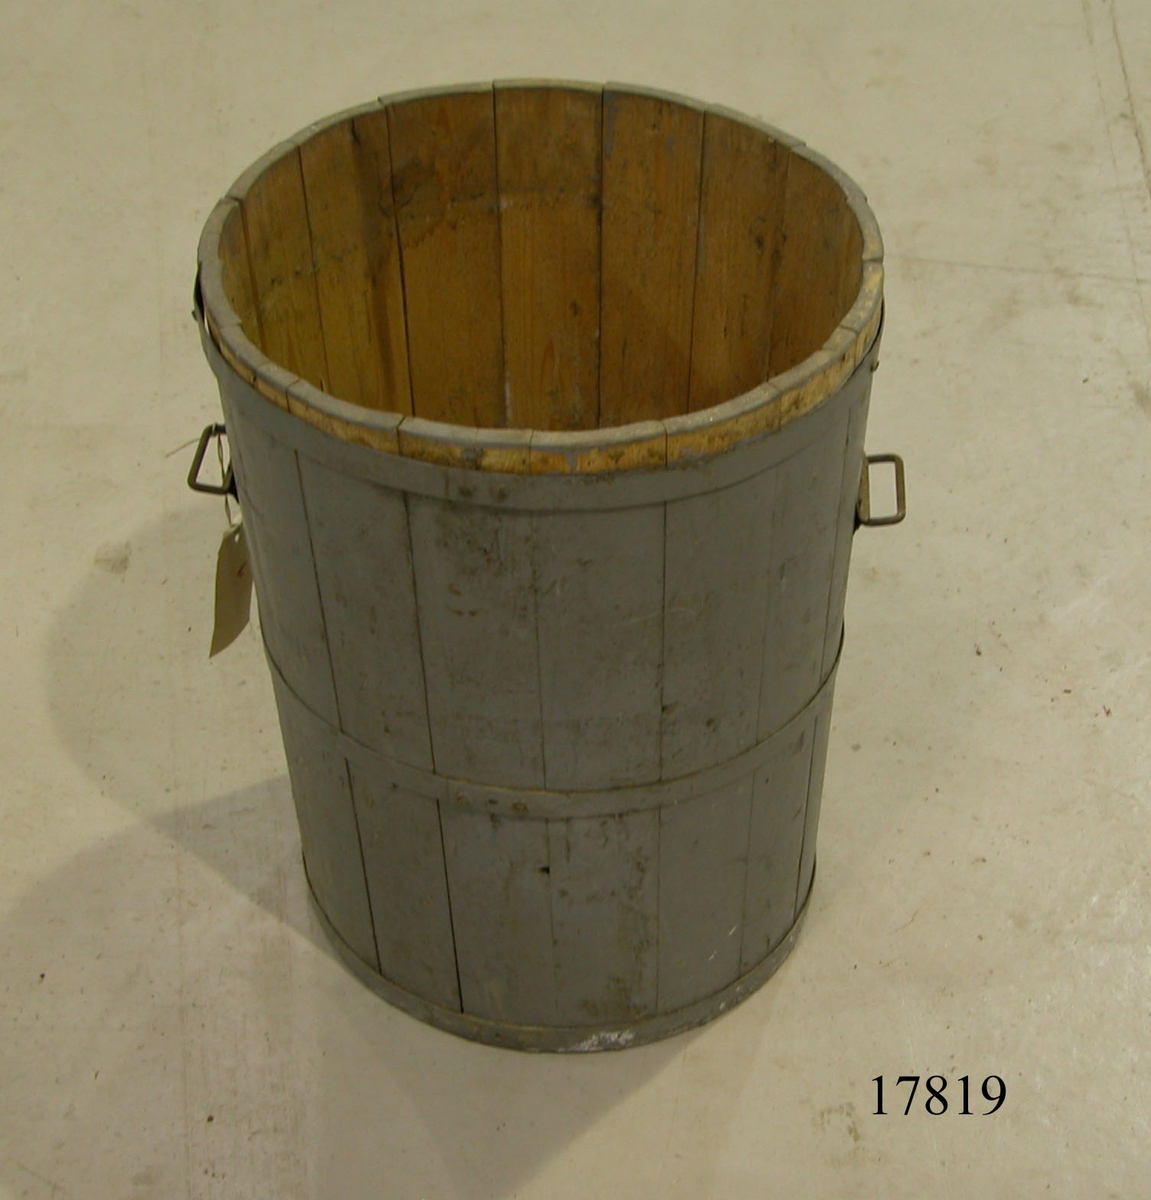 Tunna av fur, cylinderformad. Järnband nitat till botten samt två band runt tunnan. Allt målat i grått. Två svartmålade bygelhandtag, fästade till bleck.